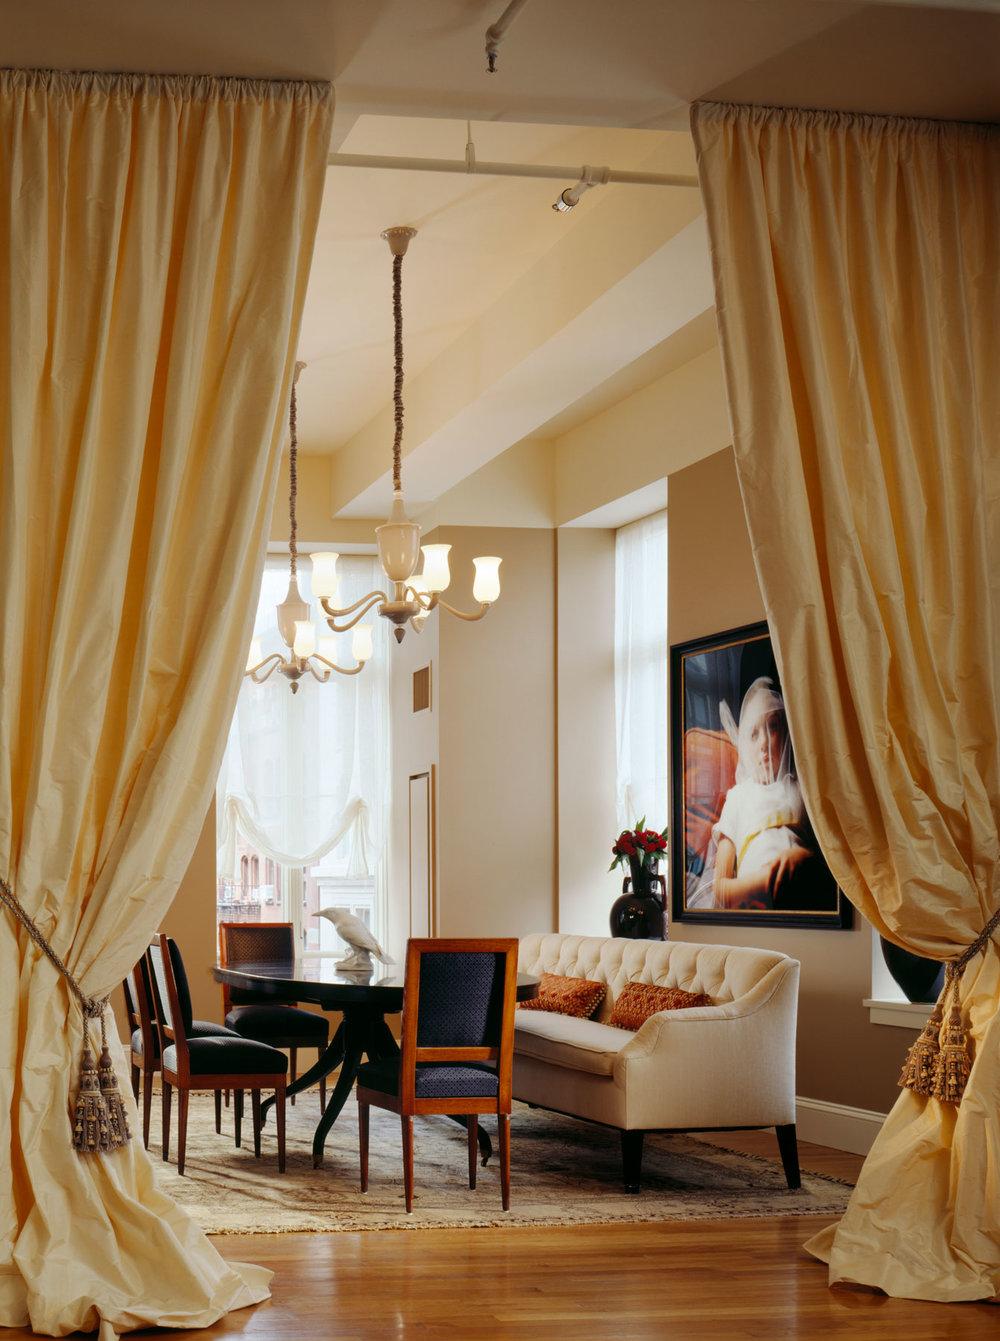 Darren-Henault-Interior-Dining-Room.jpg